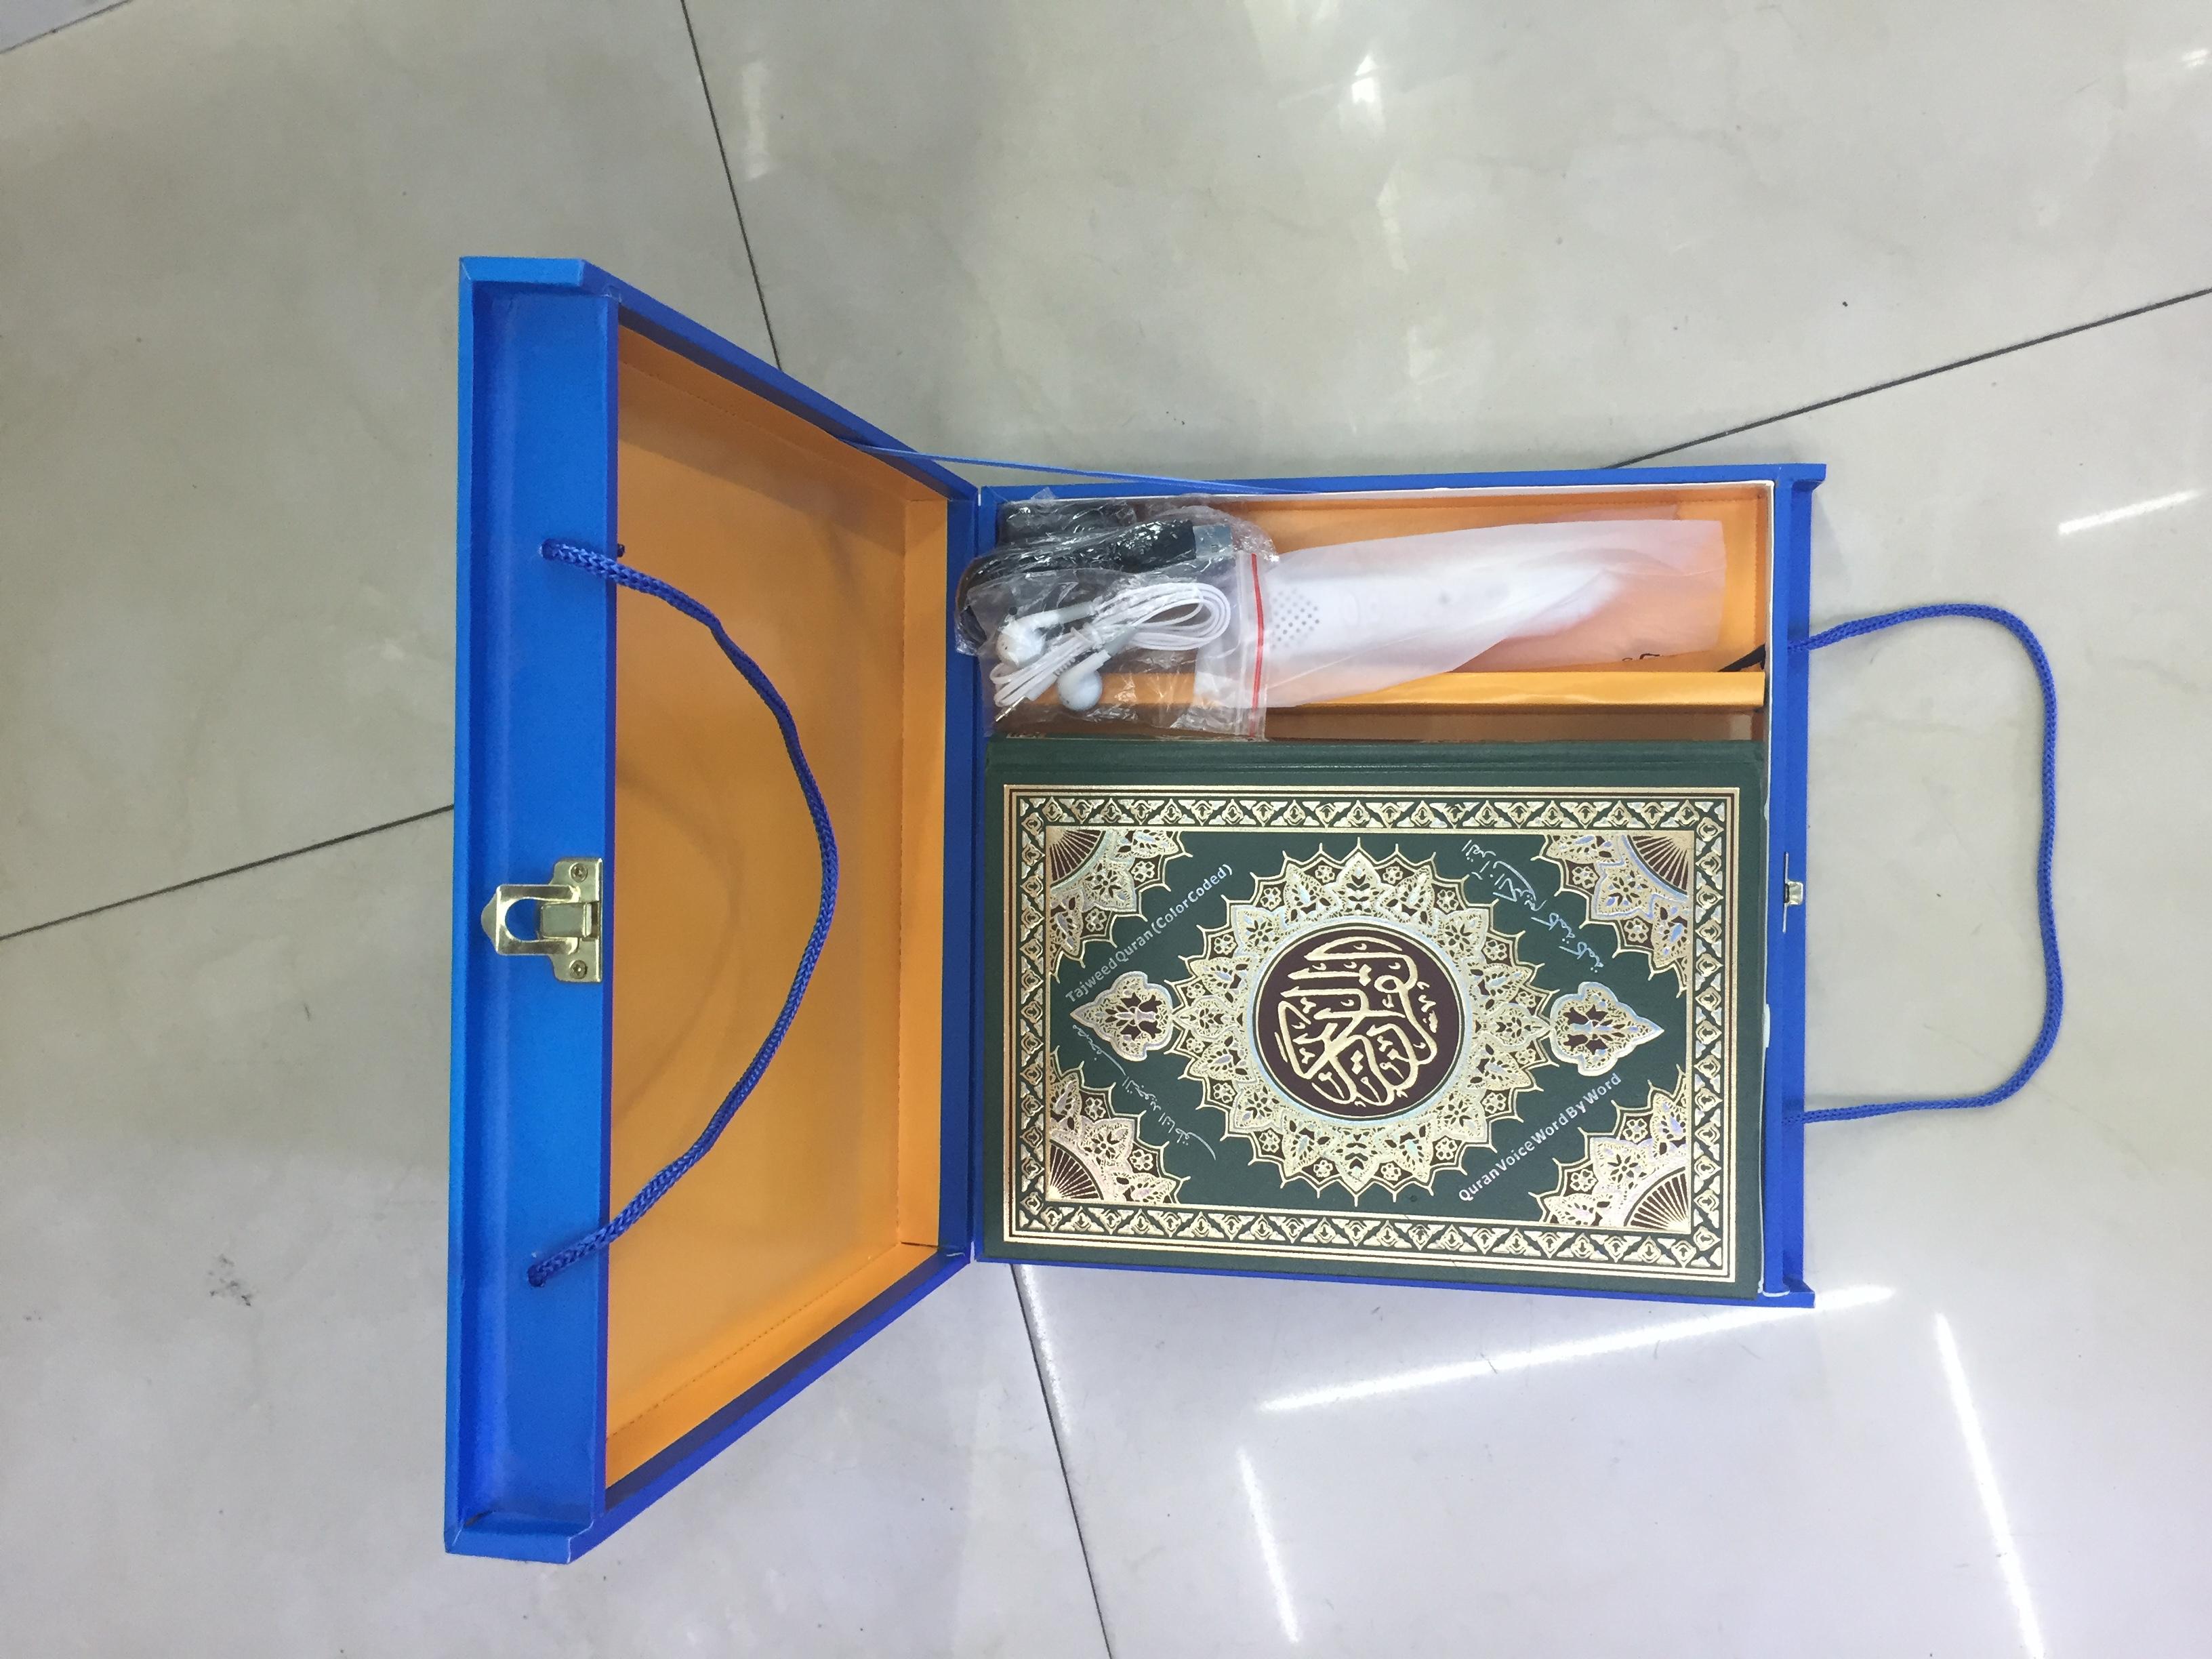 quran-read-pen-1